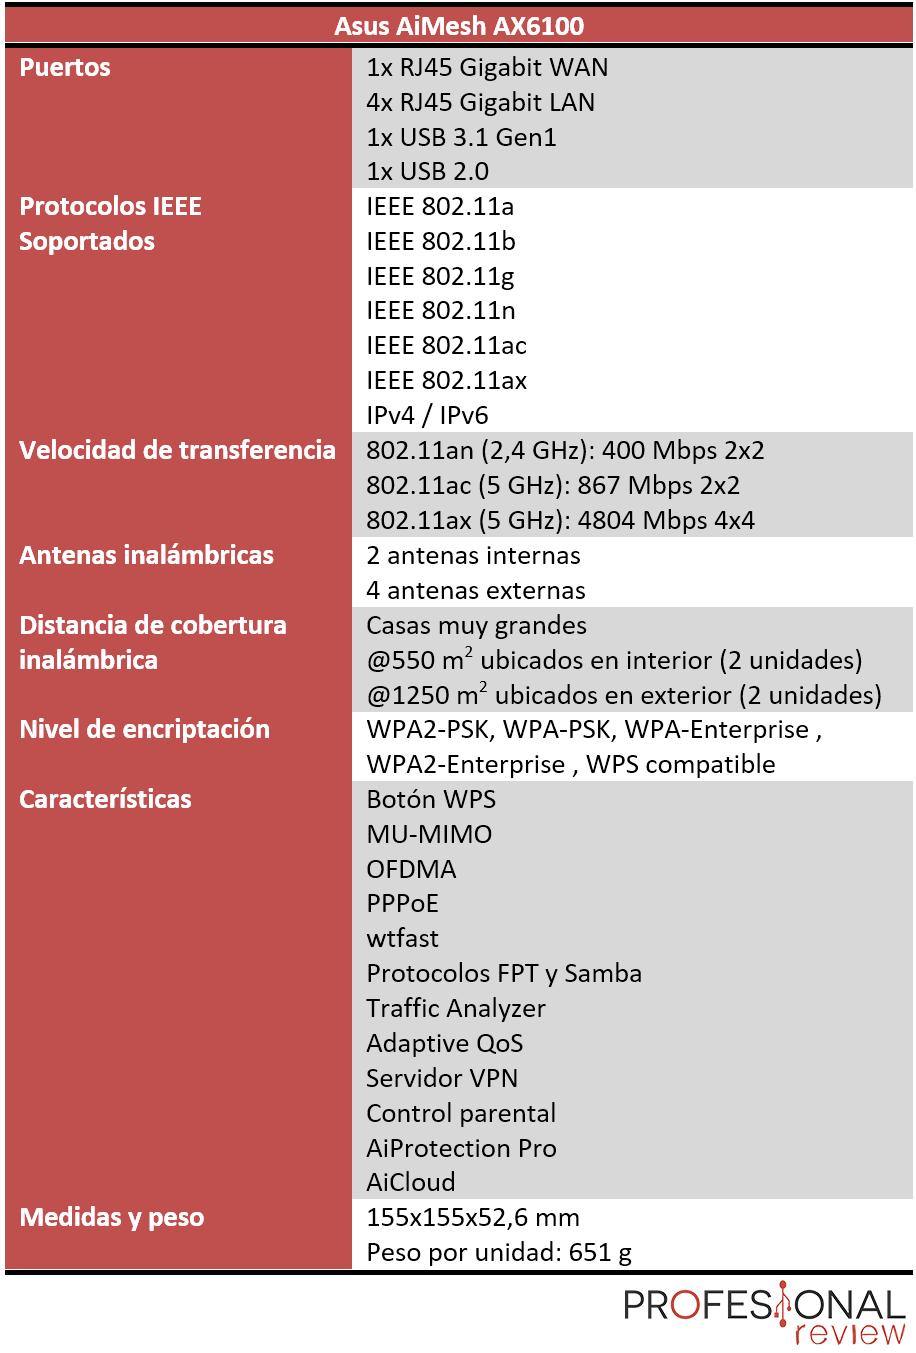 Asus AiMesh AX6100 Características